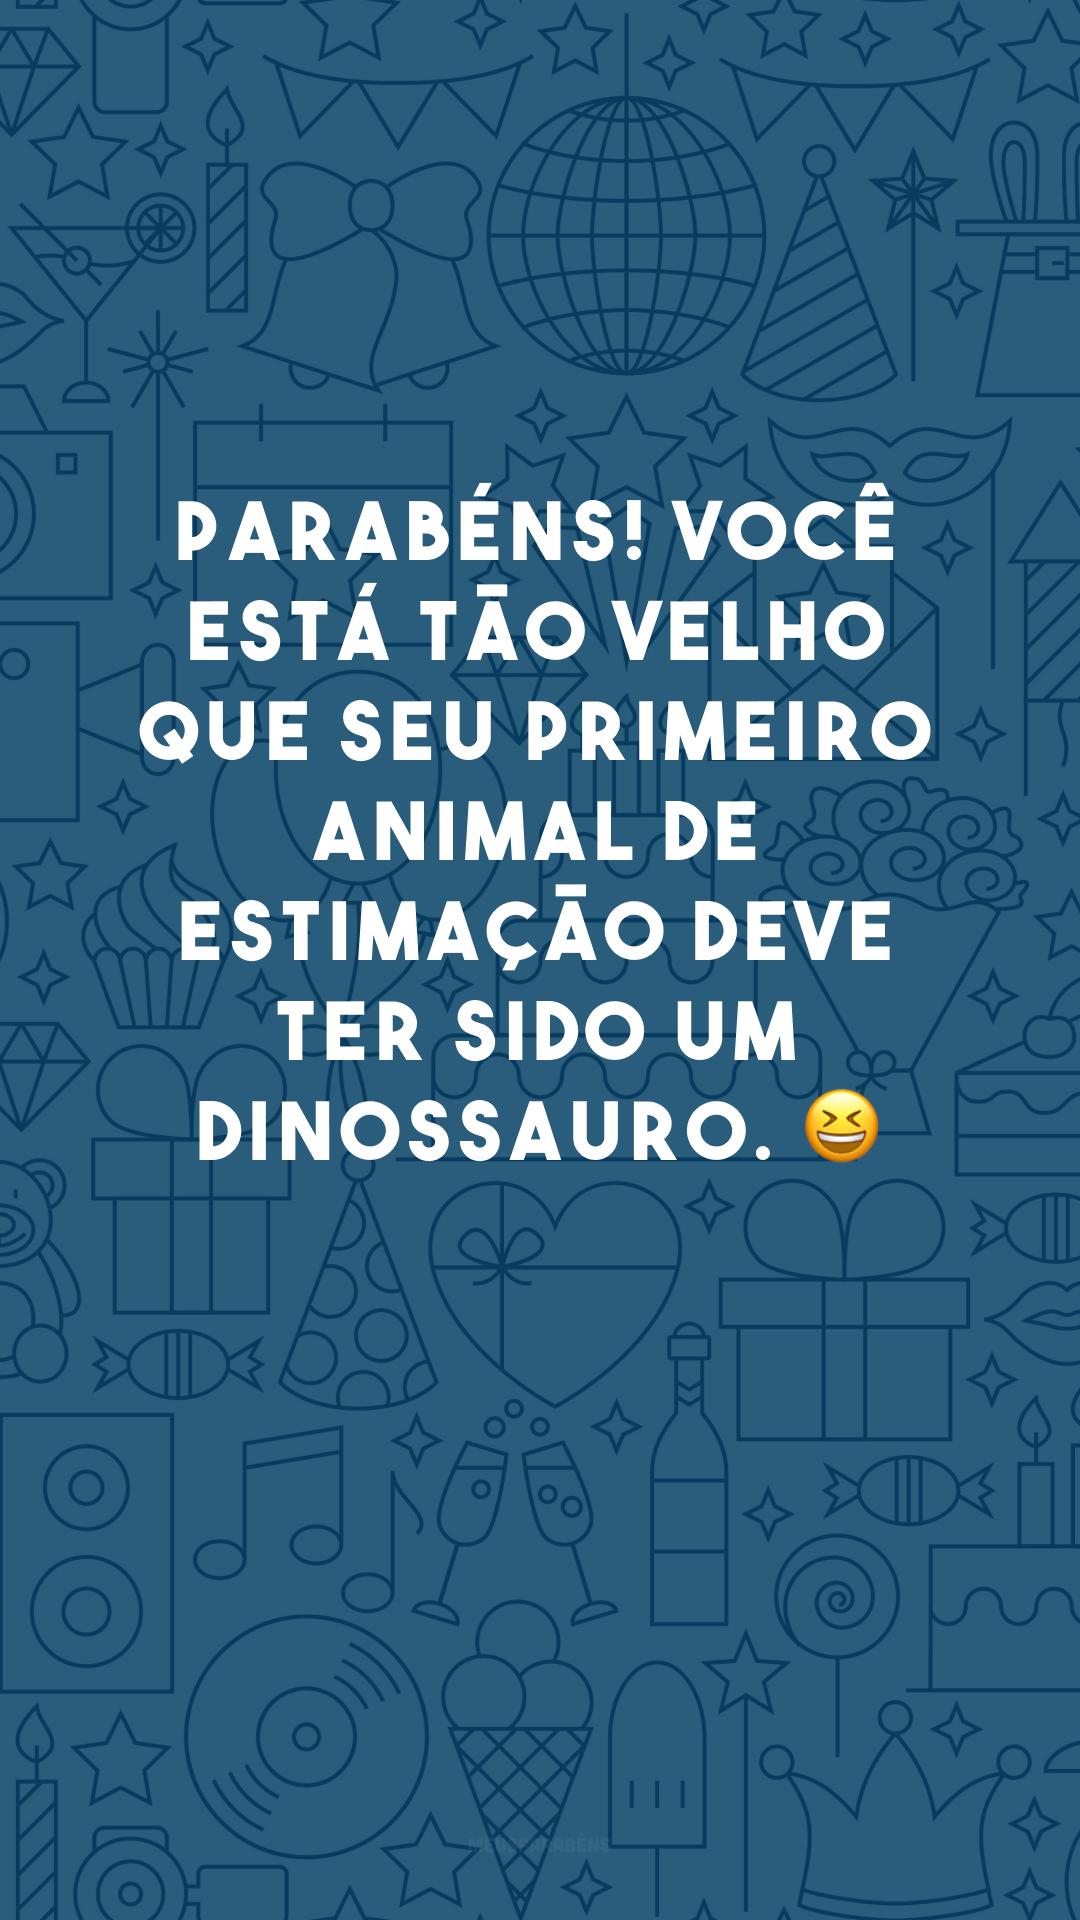 Parabéns! Você está tão velho que seu primeiro animal de estimação deve ter sido um dinossauro. 😆